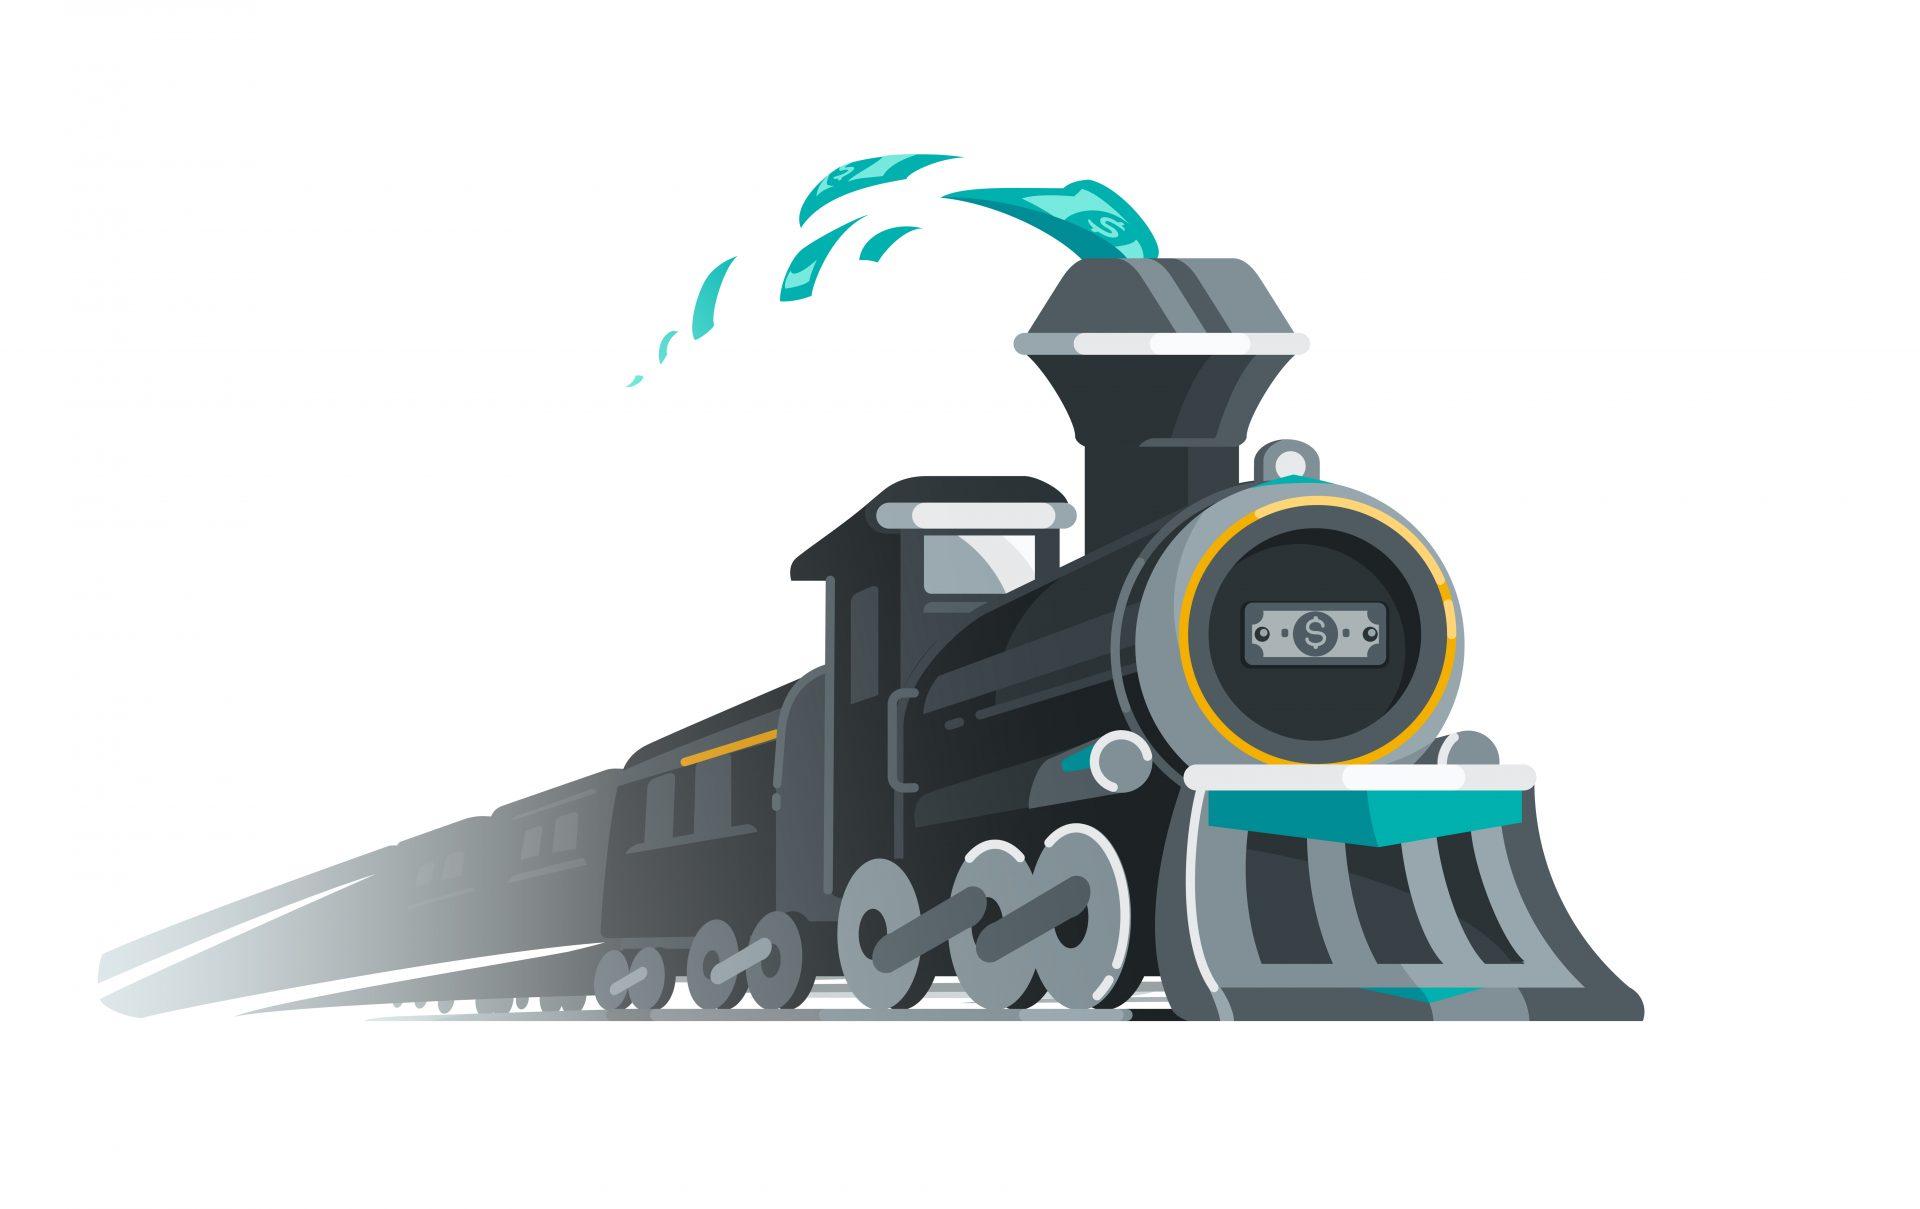 O primeiro fato é: é difícil parar um trem de carga